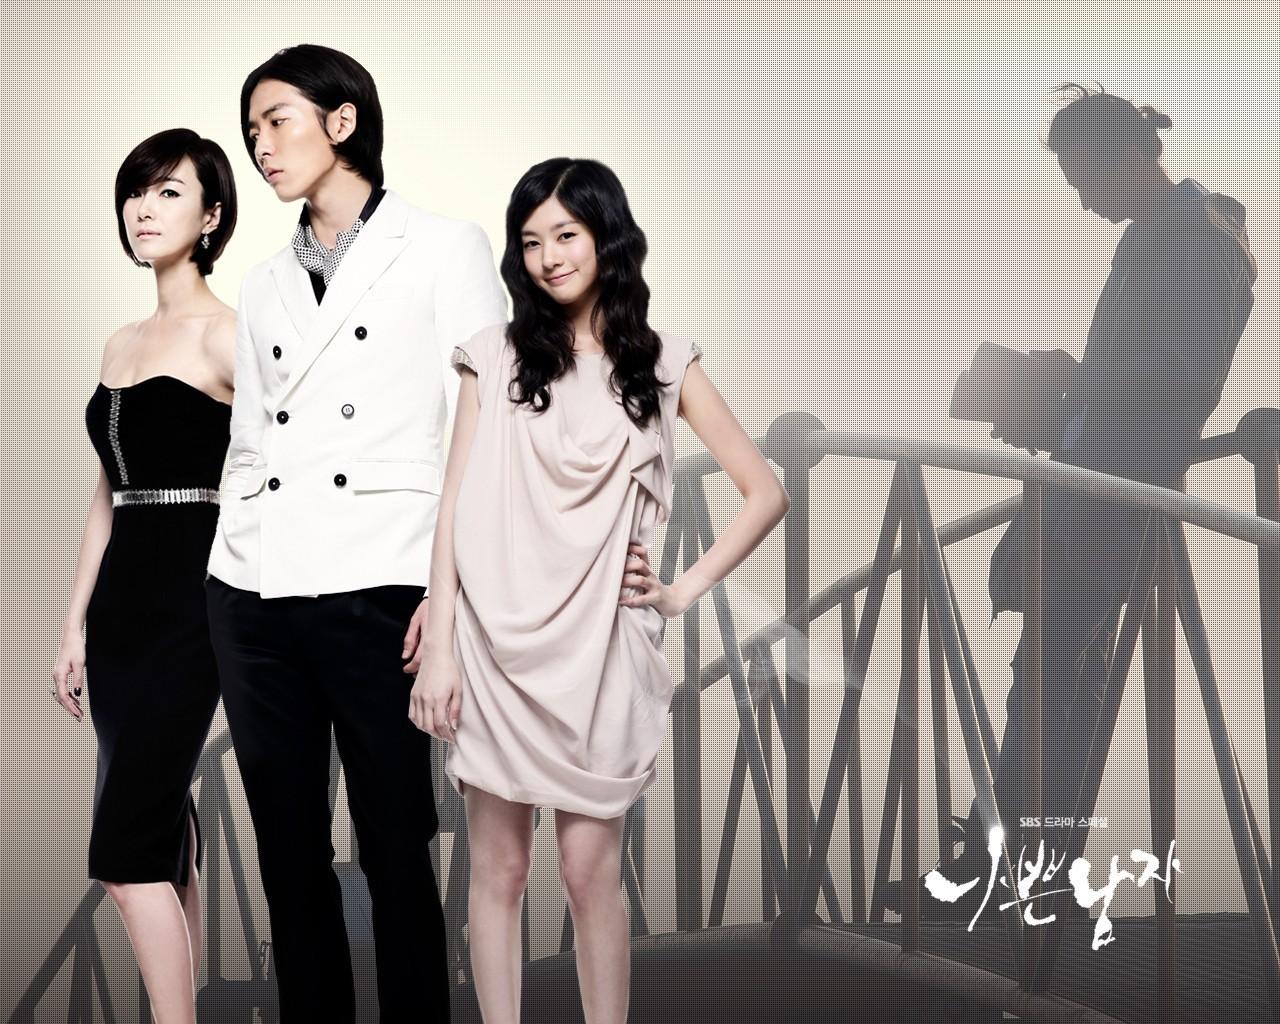 bad guy   Korean Dramas Wallpaper 21700374 1280x1024